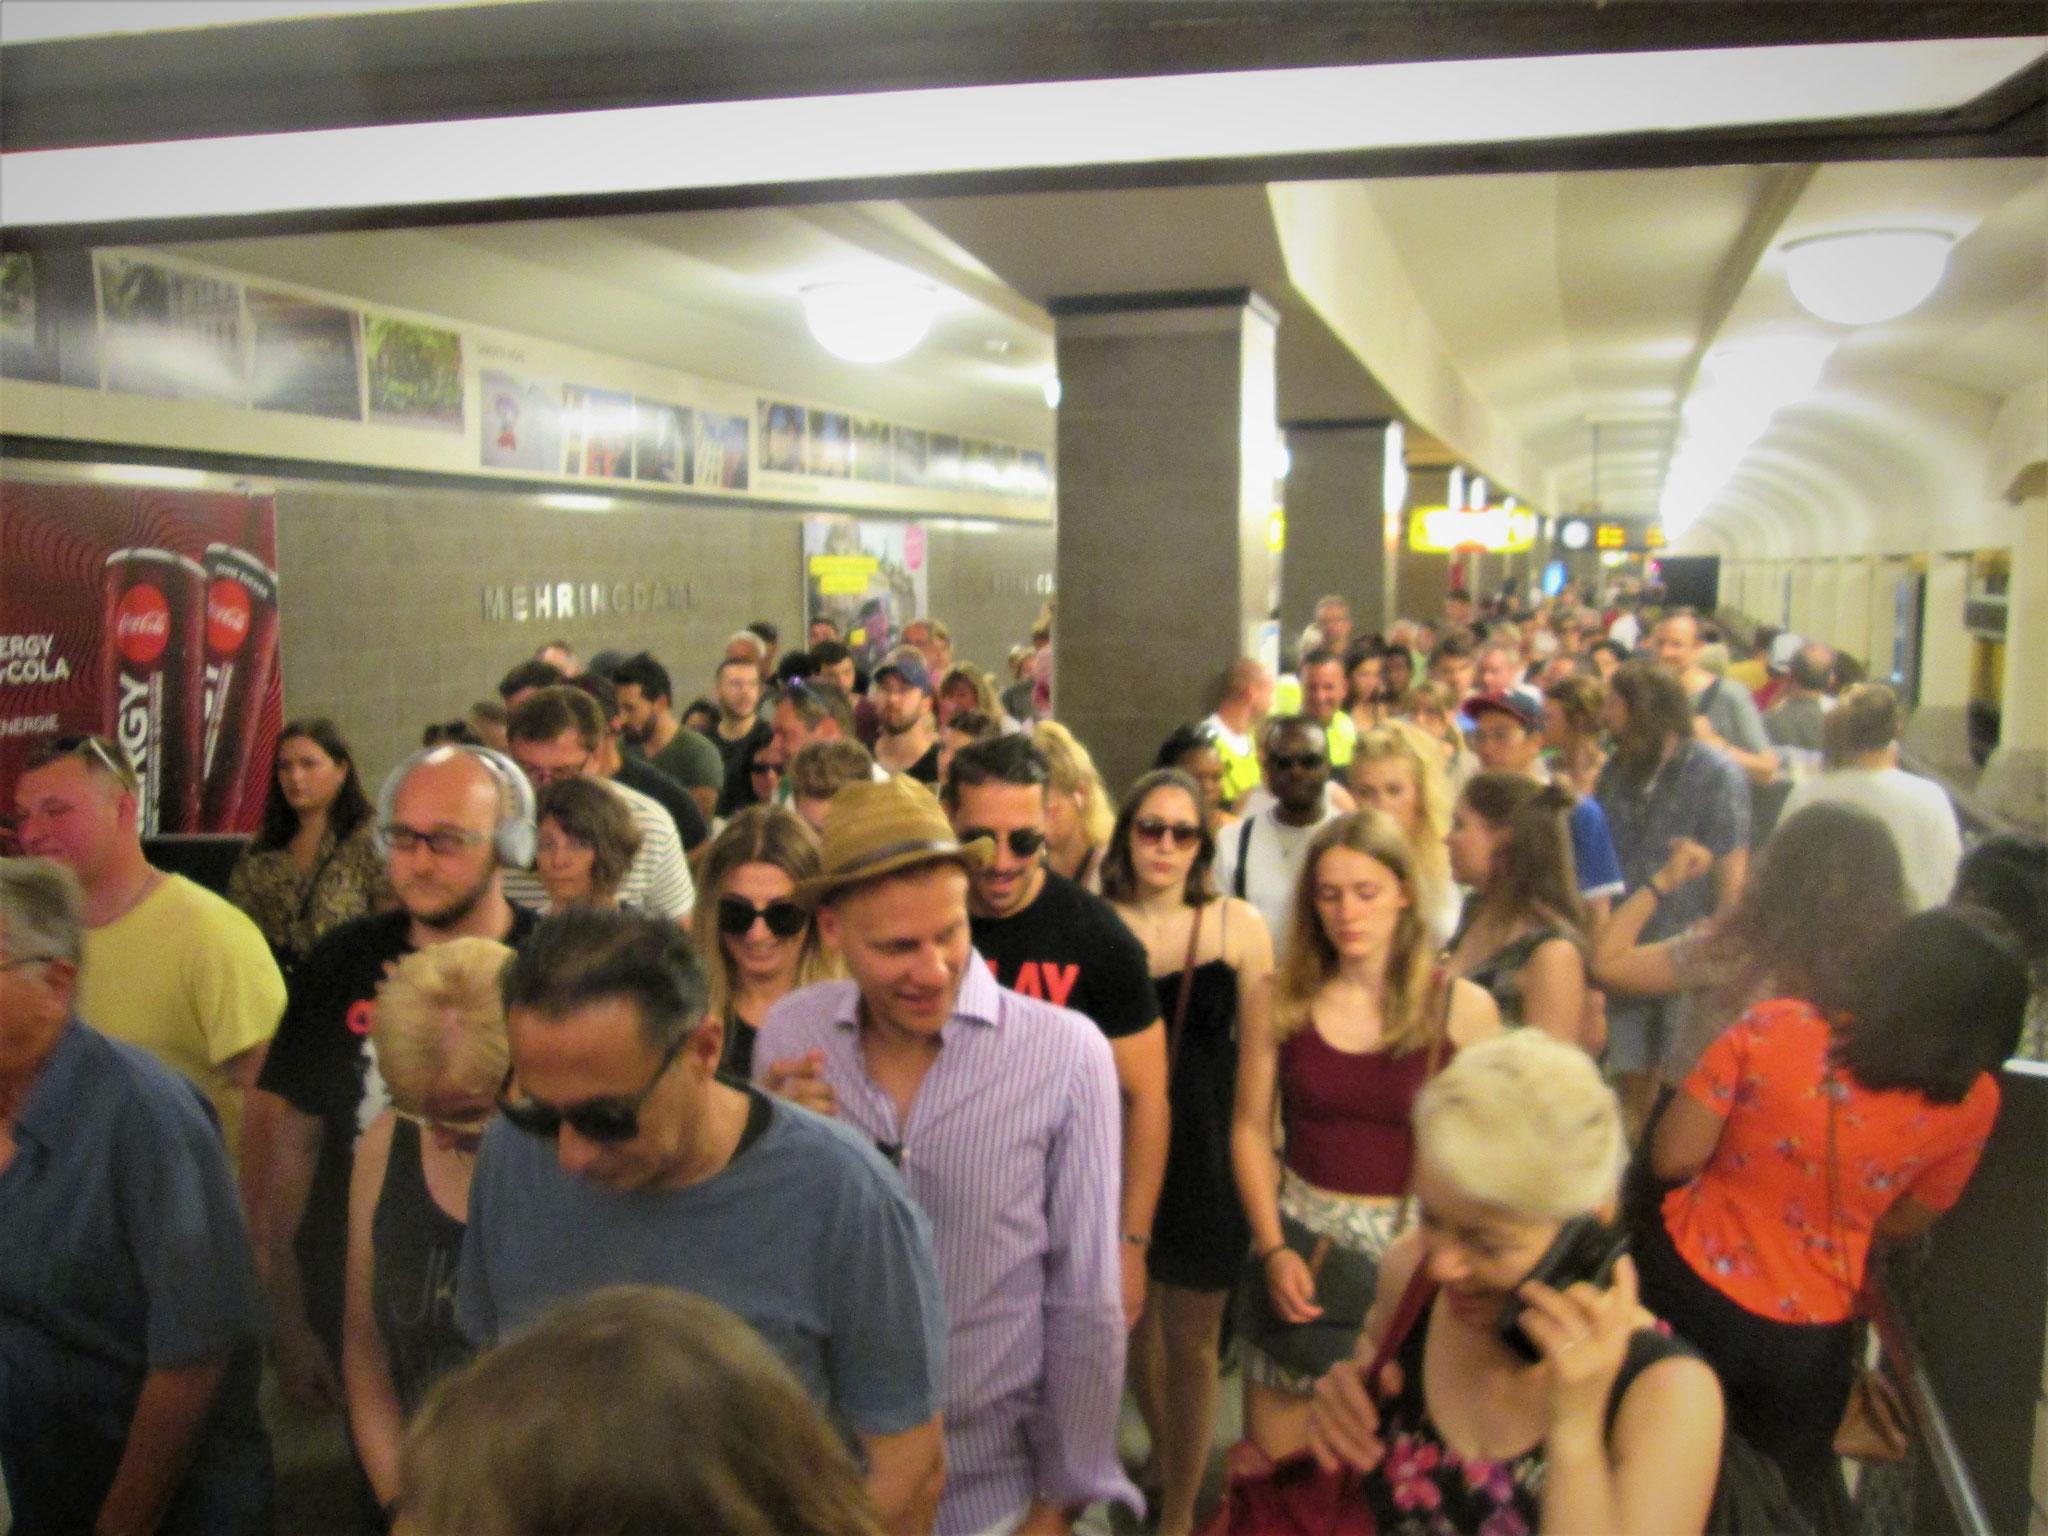 Der Boden vibriert, unter unseren Füßen fährt die U7,  brechend voll mit Besuchern.